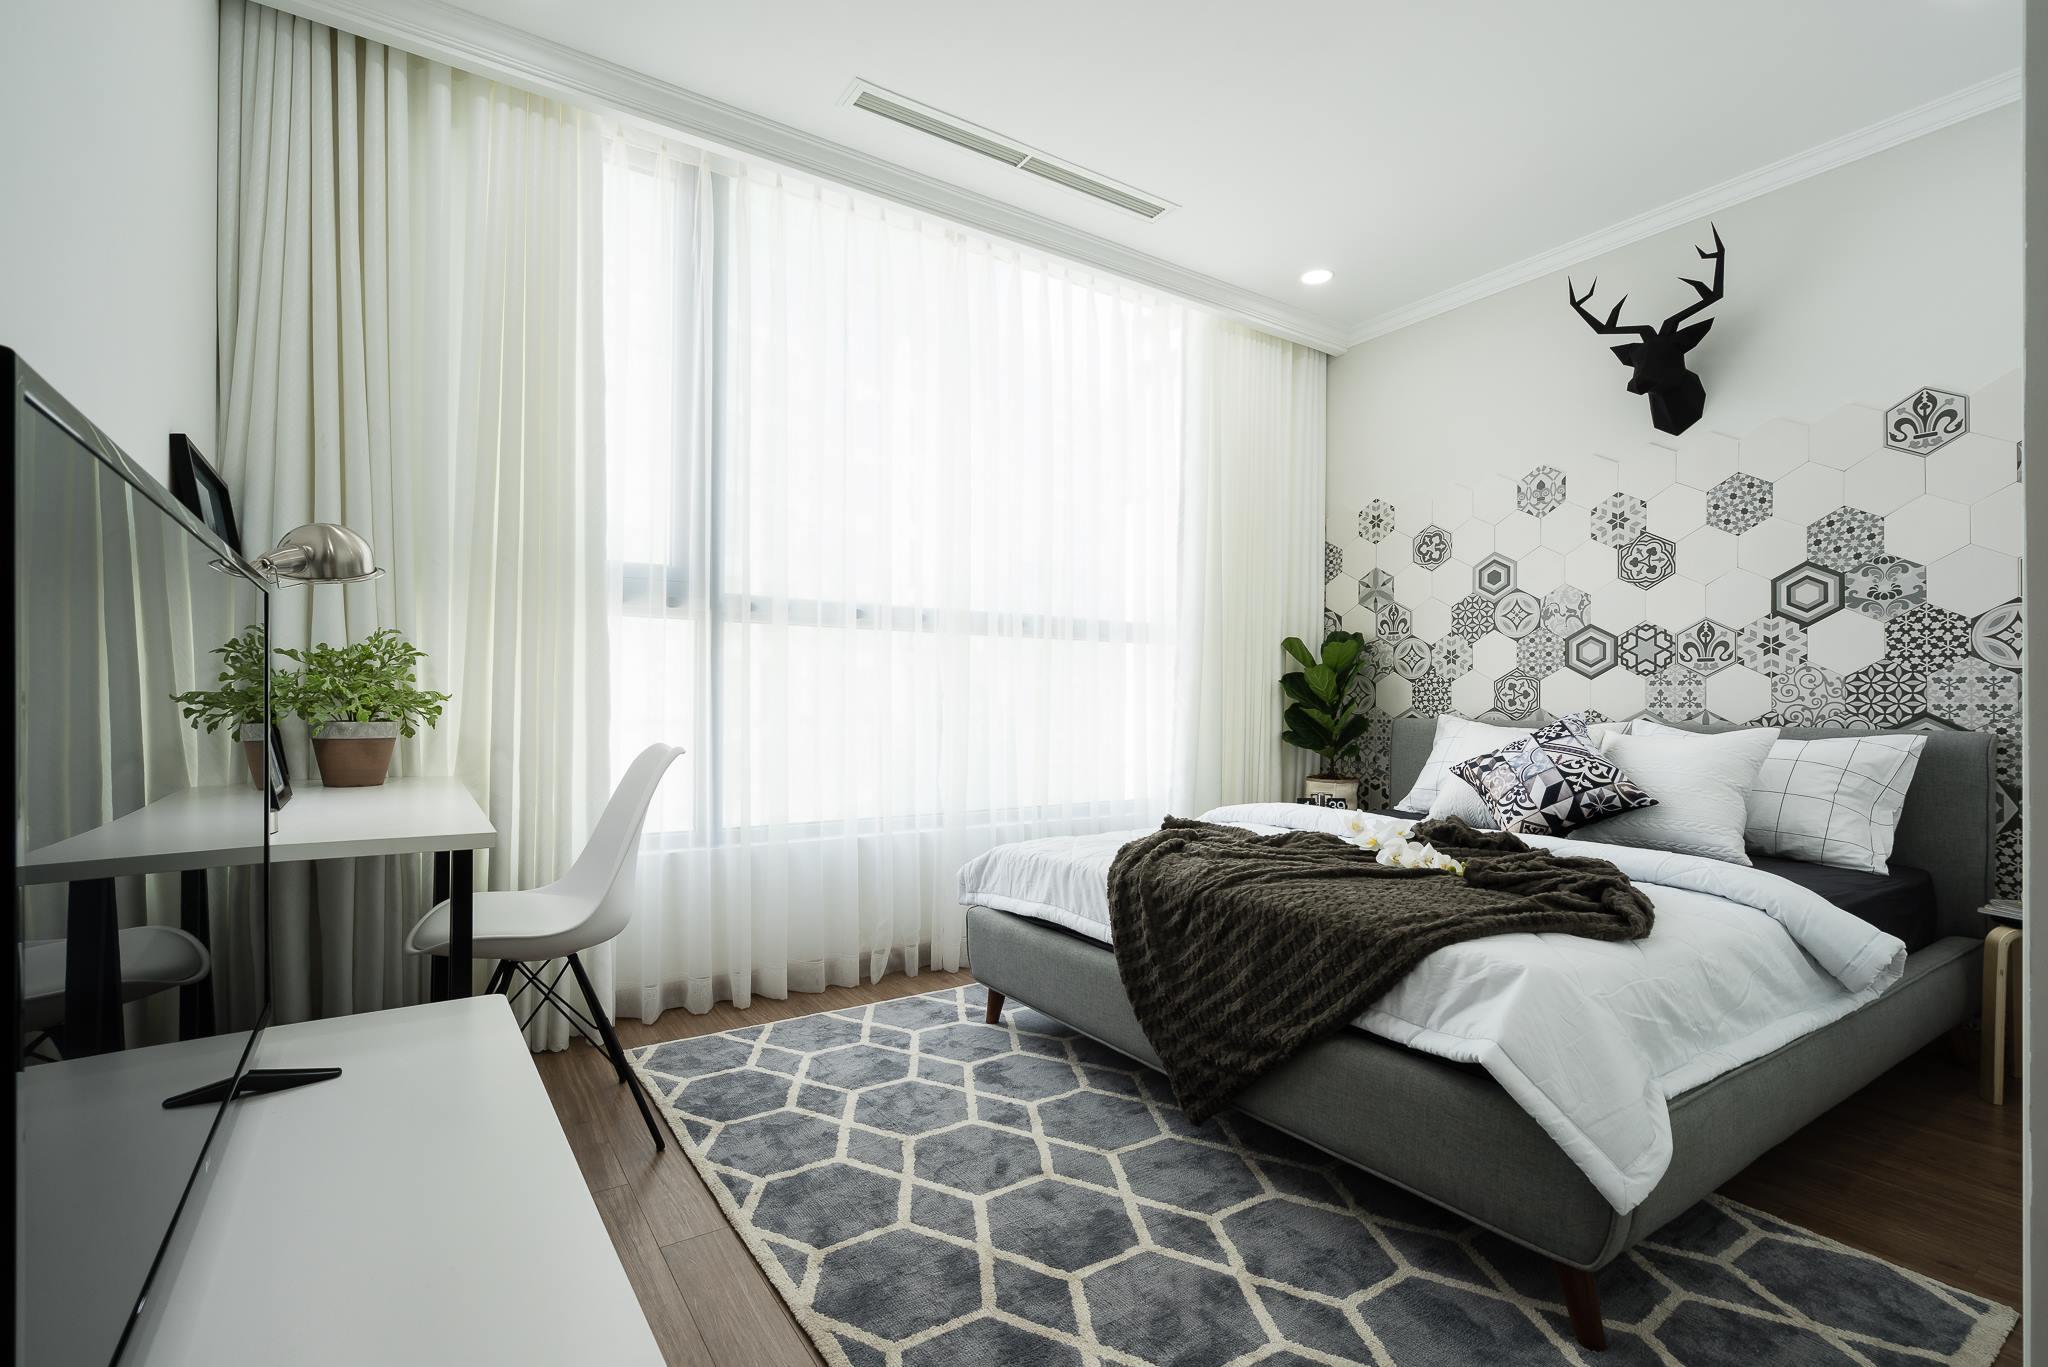 thiết kế nội thất chung cư giá rẻ 8